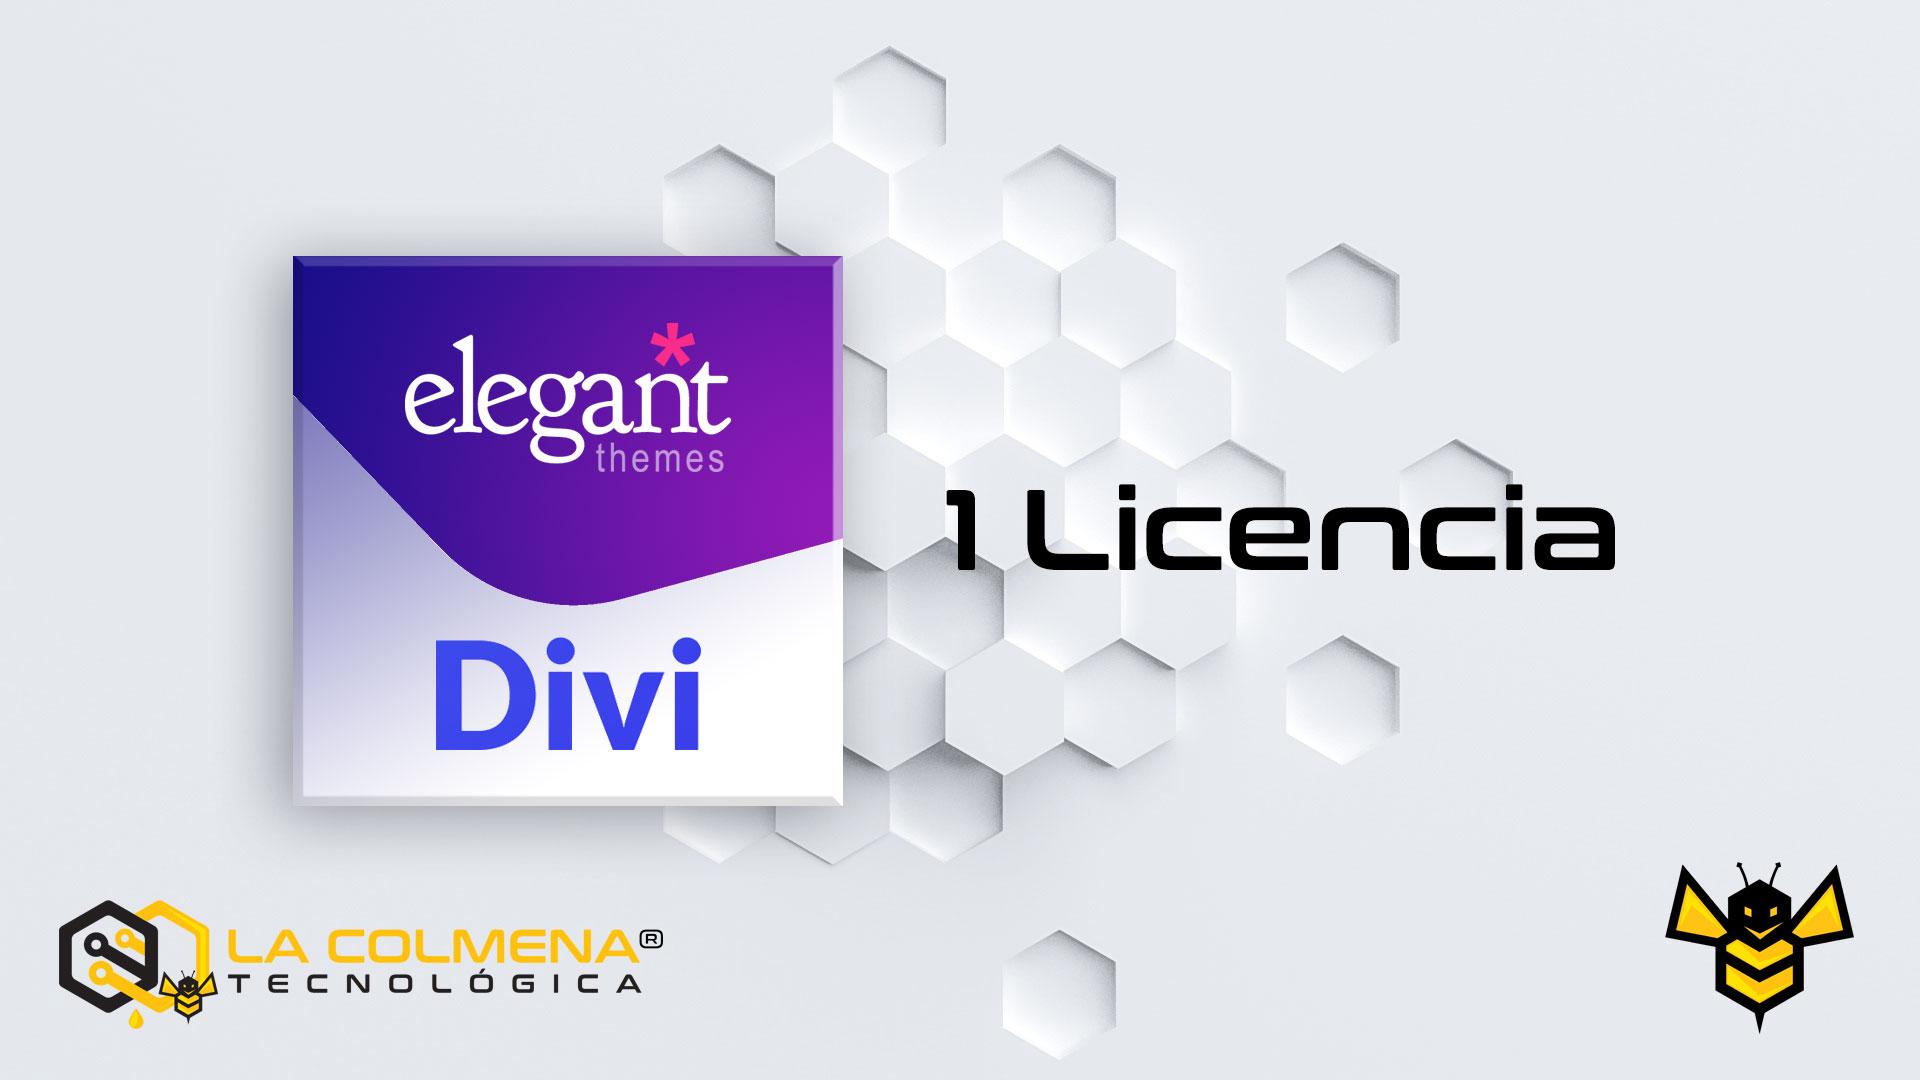 1 LicencIa de Divi Elegant Themes